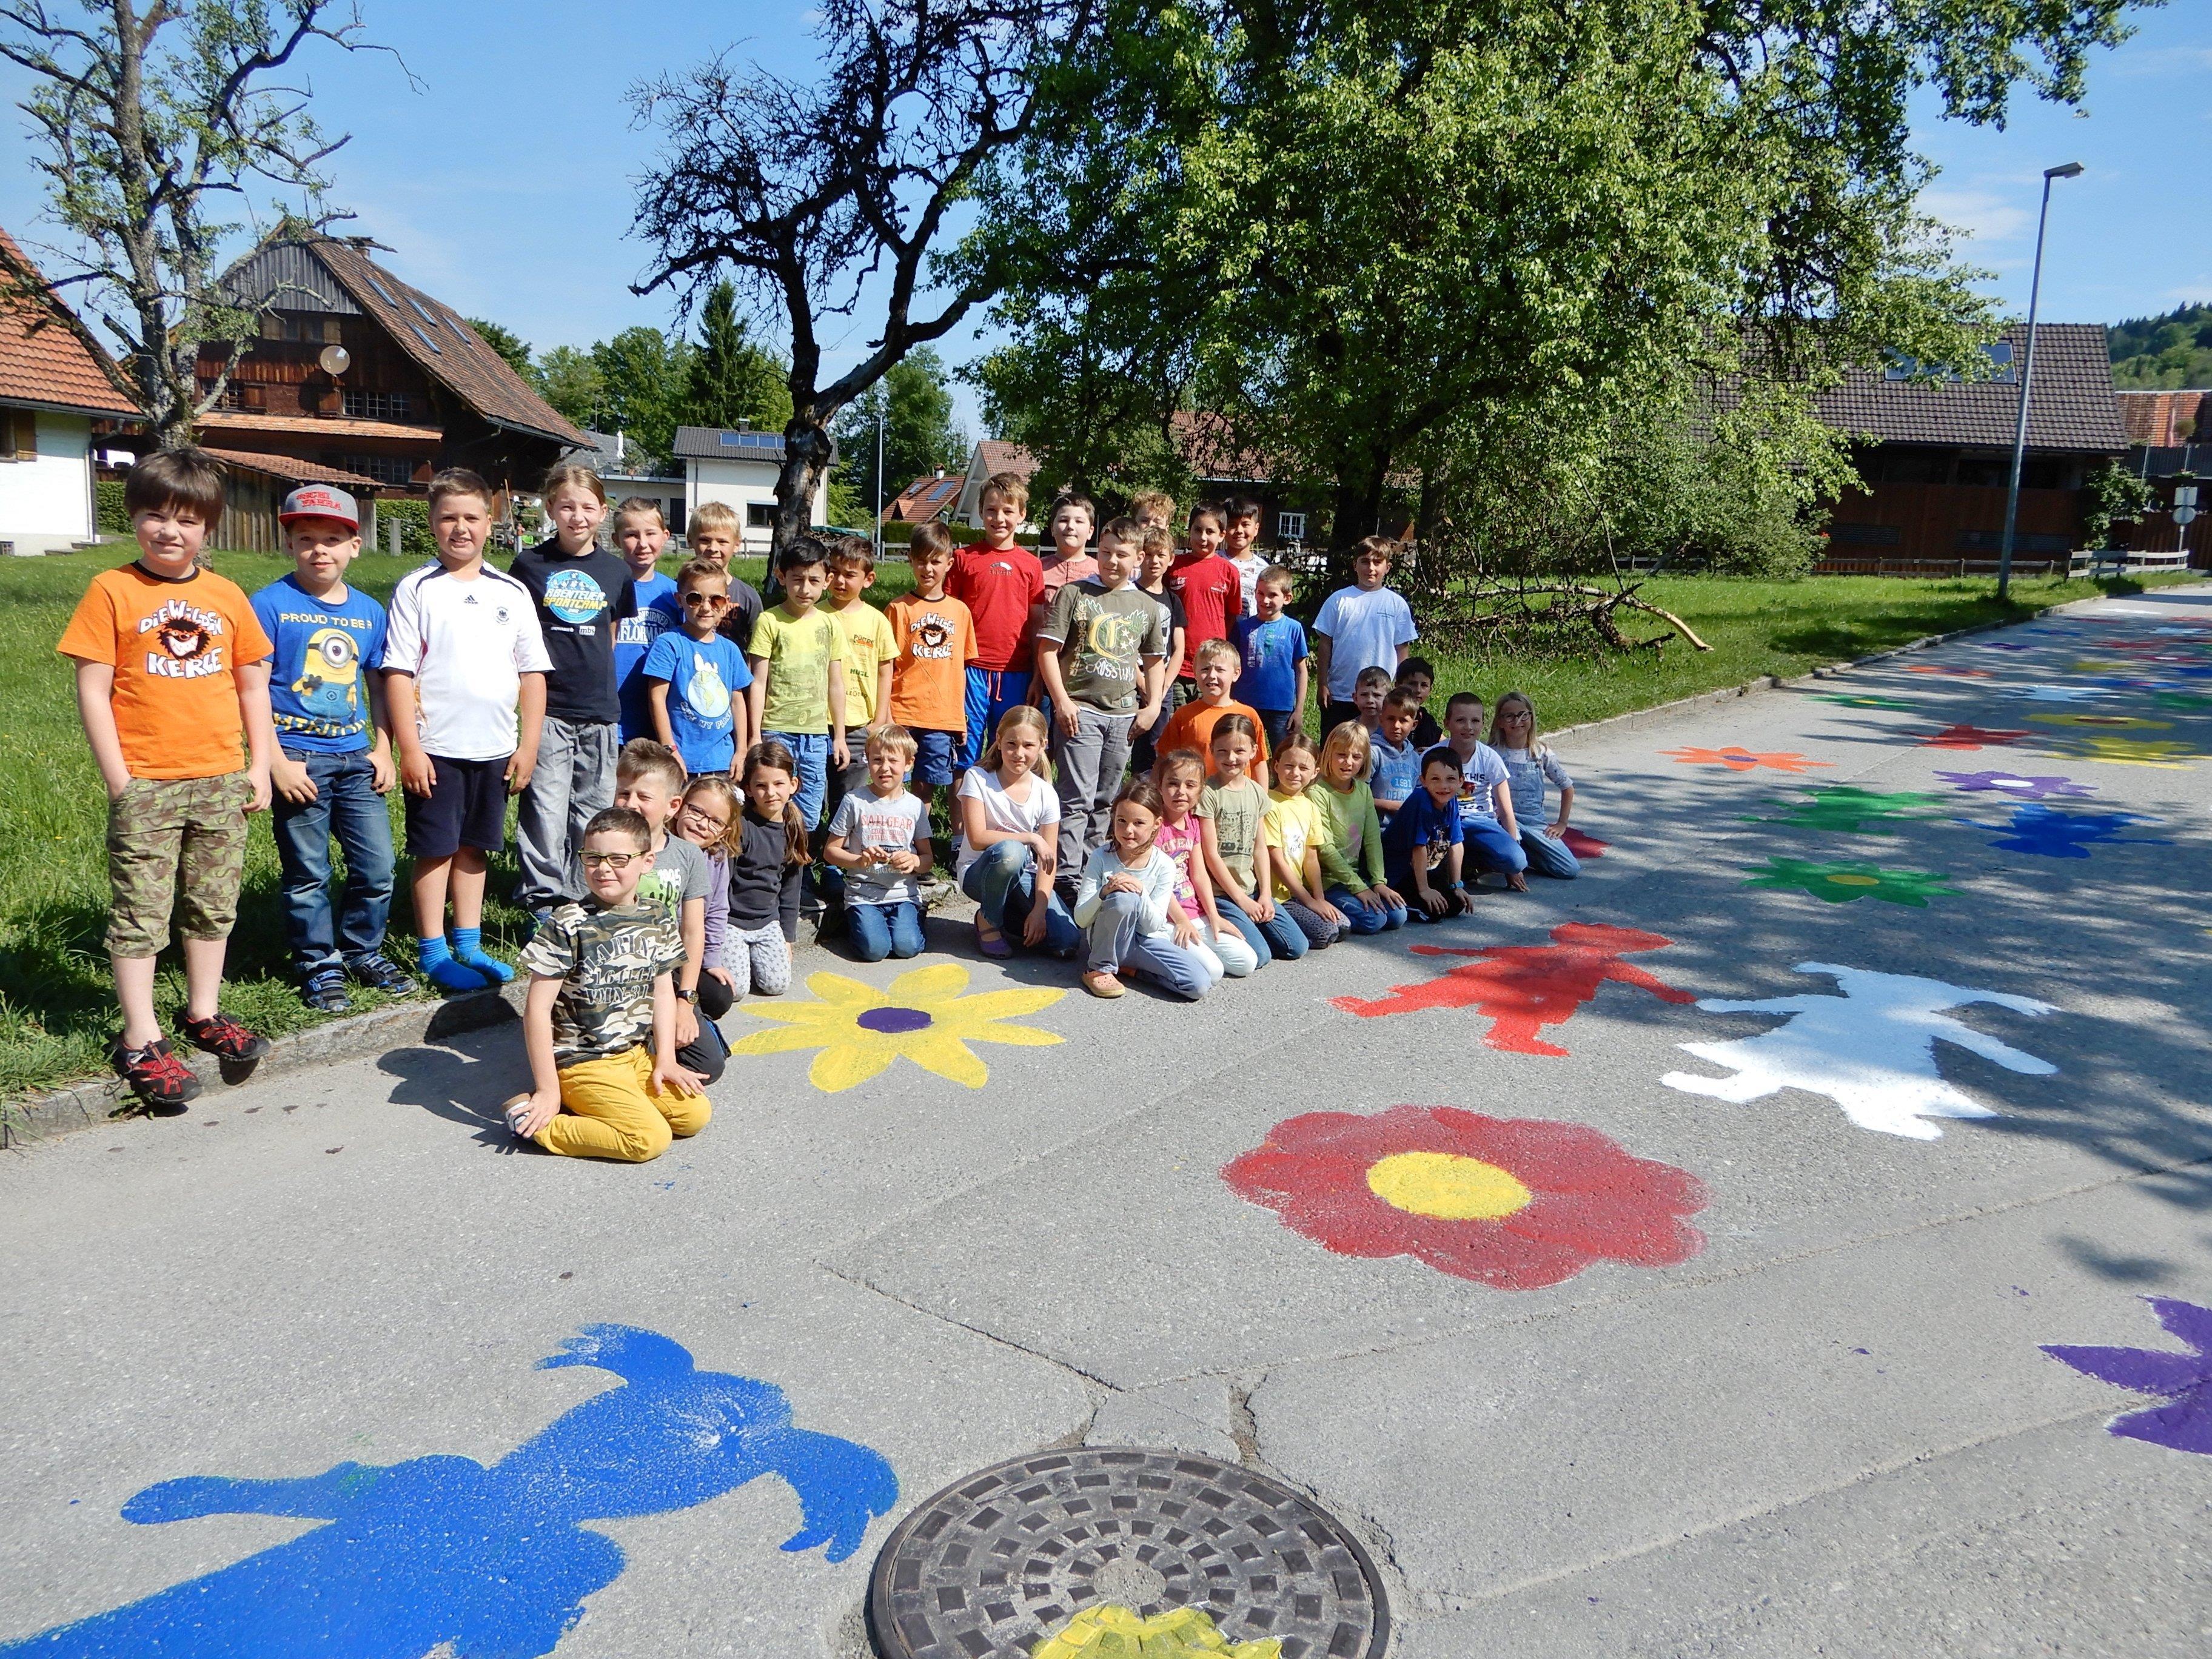 Stolz präsentieren die Schüler der VS Watzenegg ihr buntes Werk, das die nächsten Wochen die Schuleinfahrt verschönert.